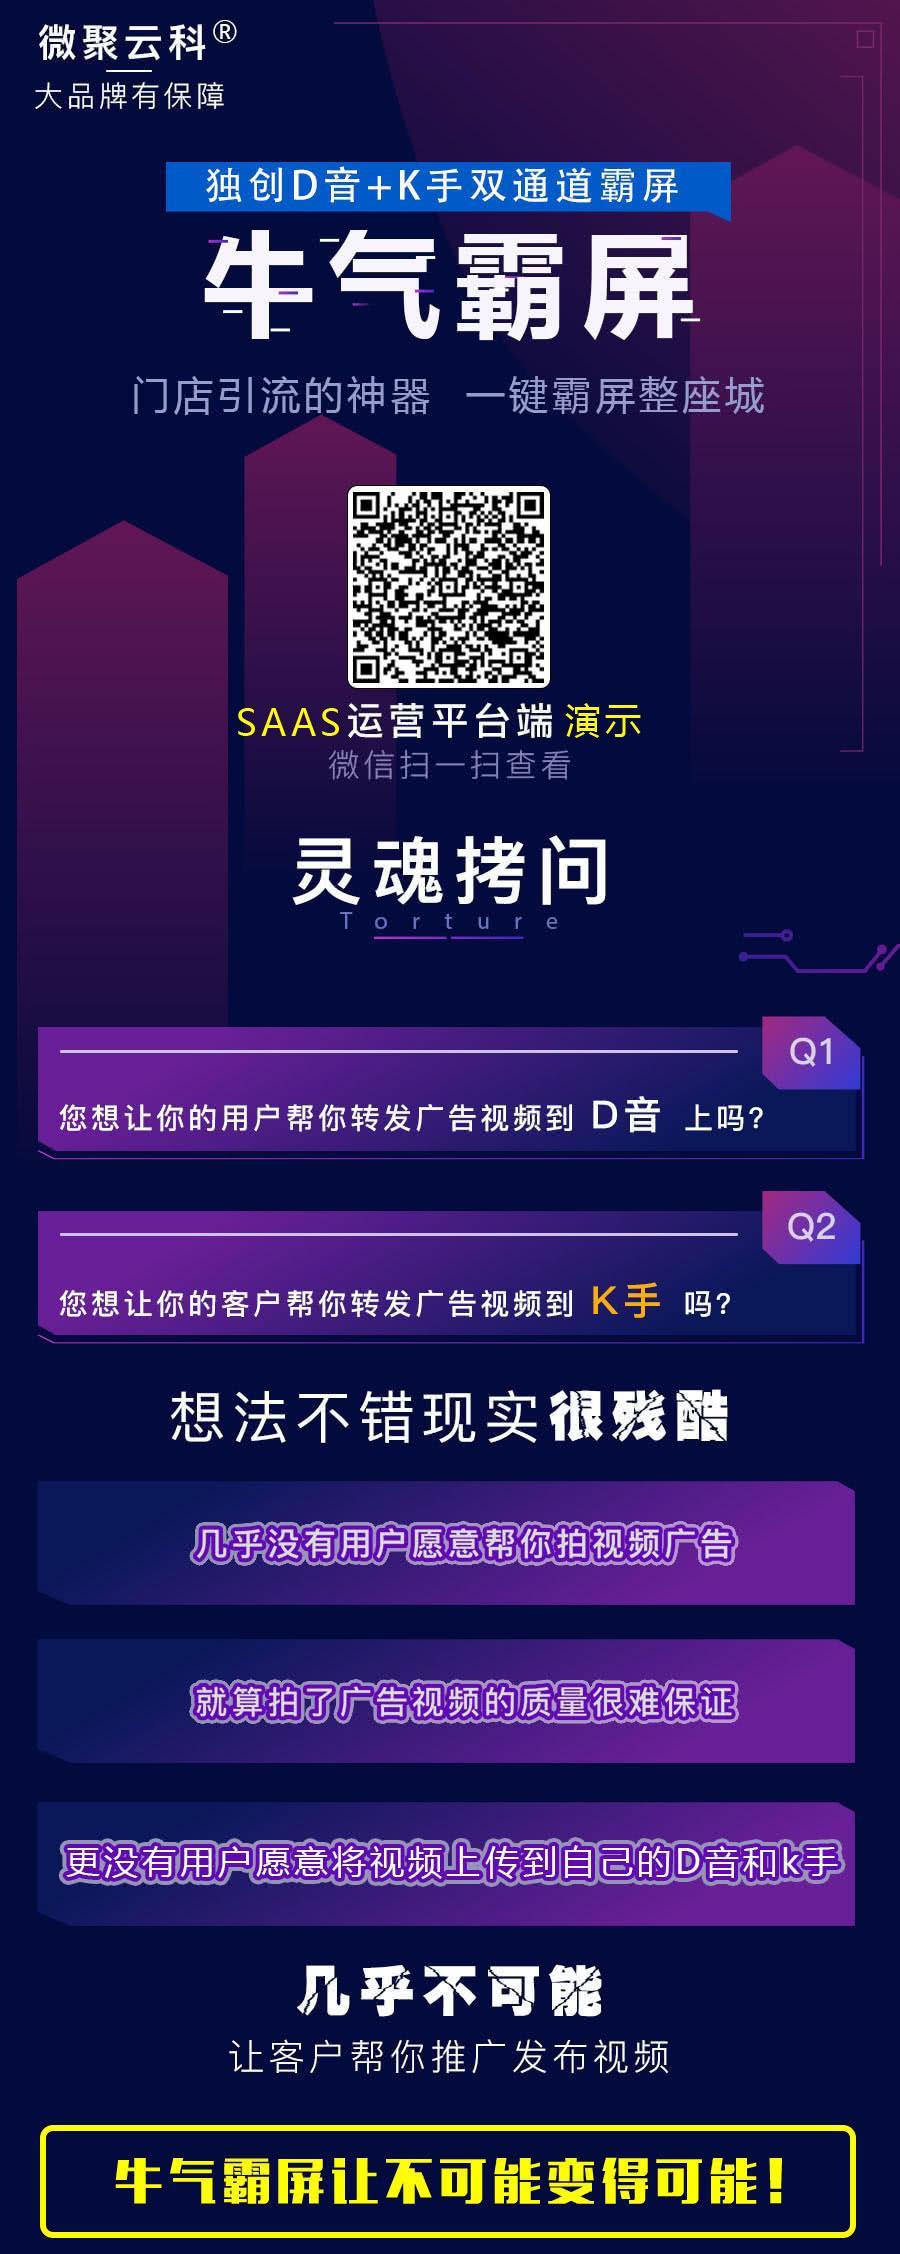 【公众号源码】牛气霸屏3.0.5 – 多开SAAS平台版 (修复抖音数据统计)-闲人源码